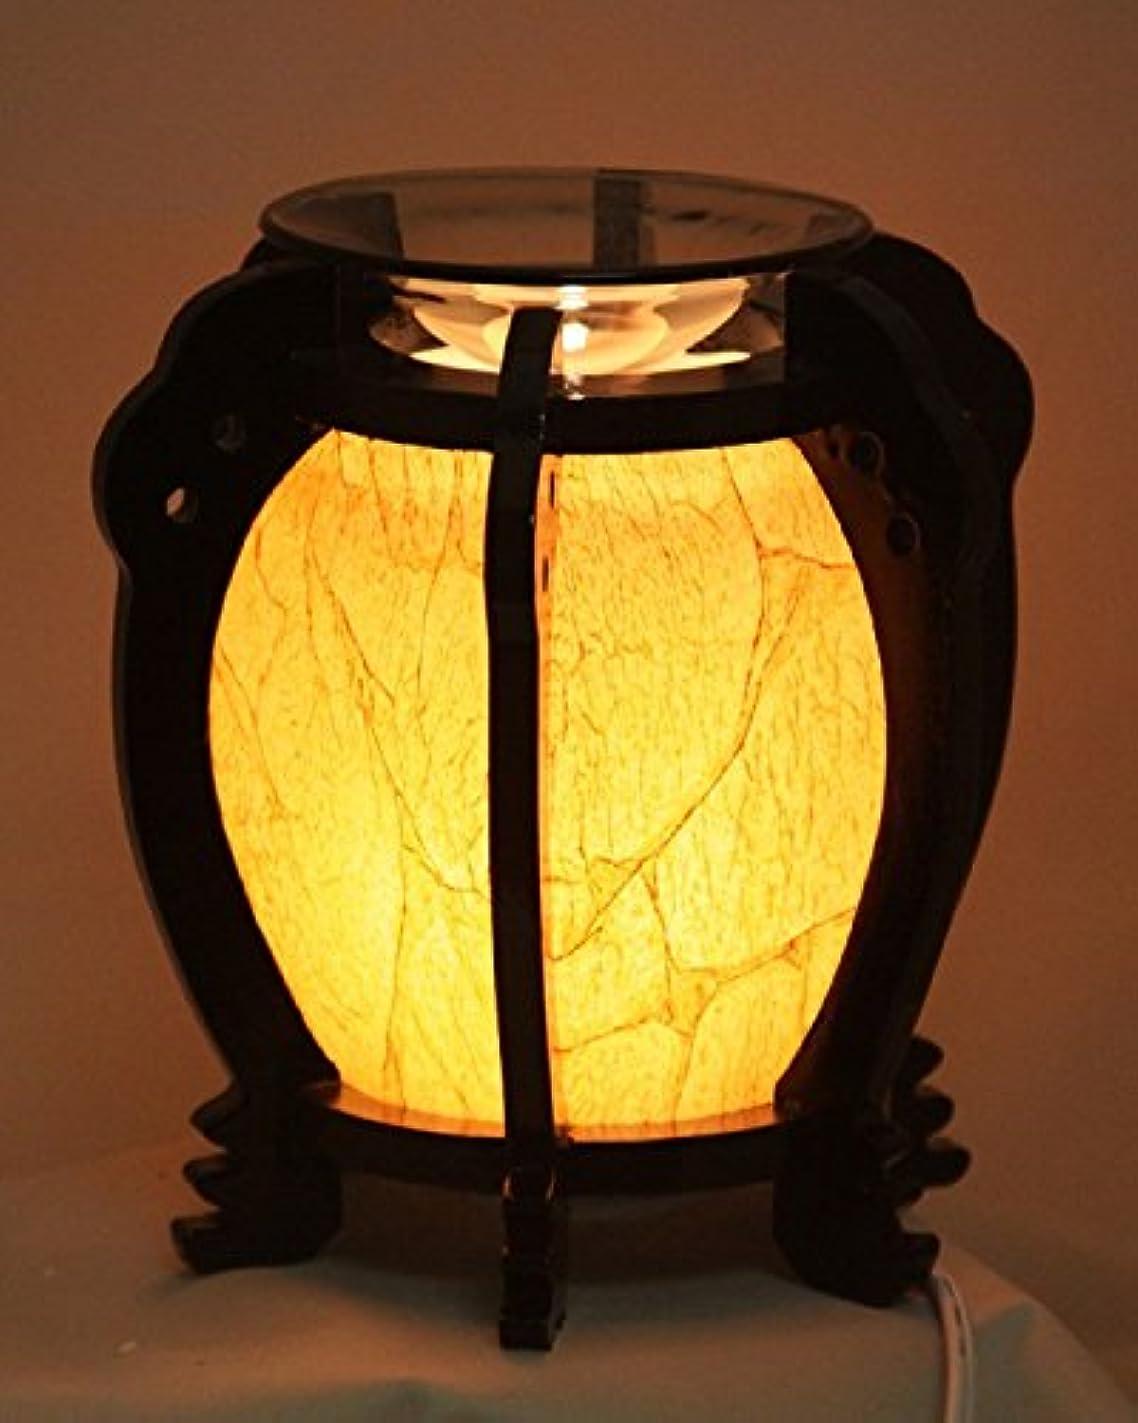 発明する貪欲致命的木製ラウンド( ew-647 ) Electric Fragrance Oil Tart Warmer ( Burner / Warmer /ランプ) withディマースイッチ